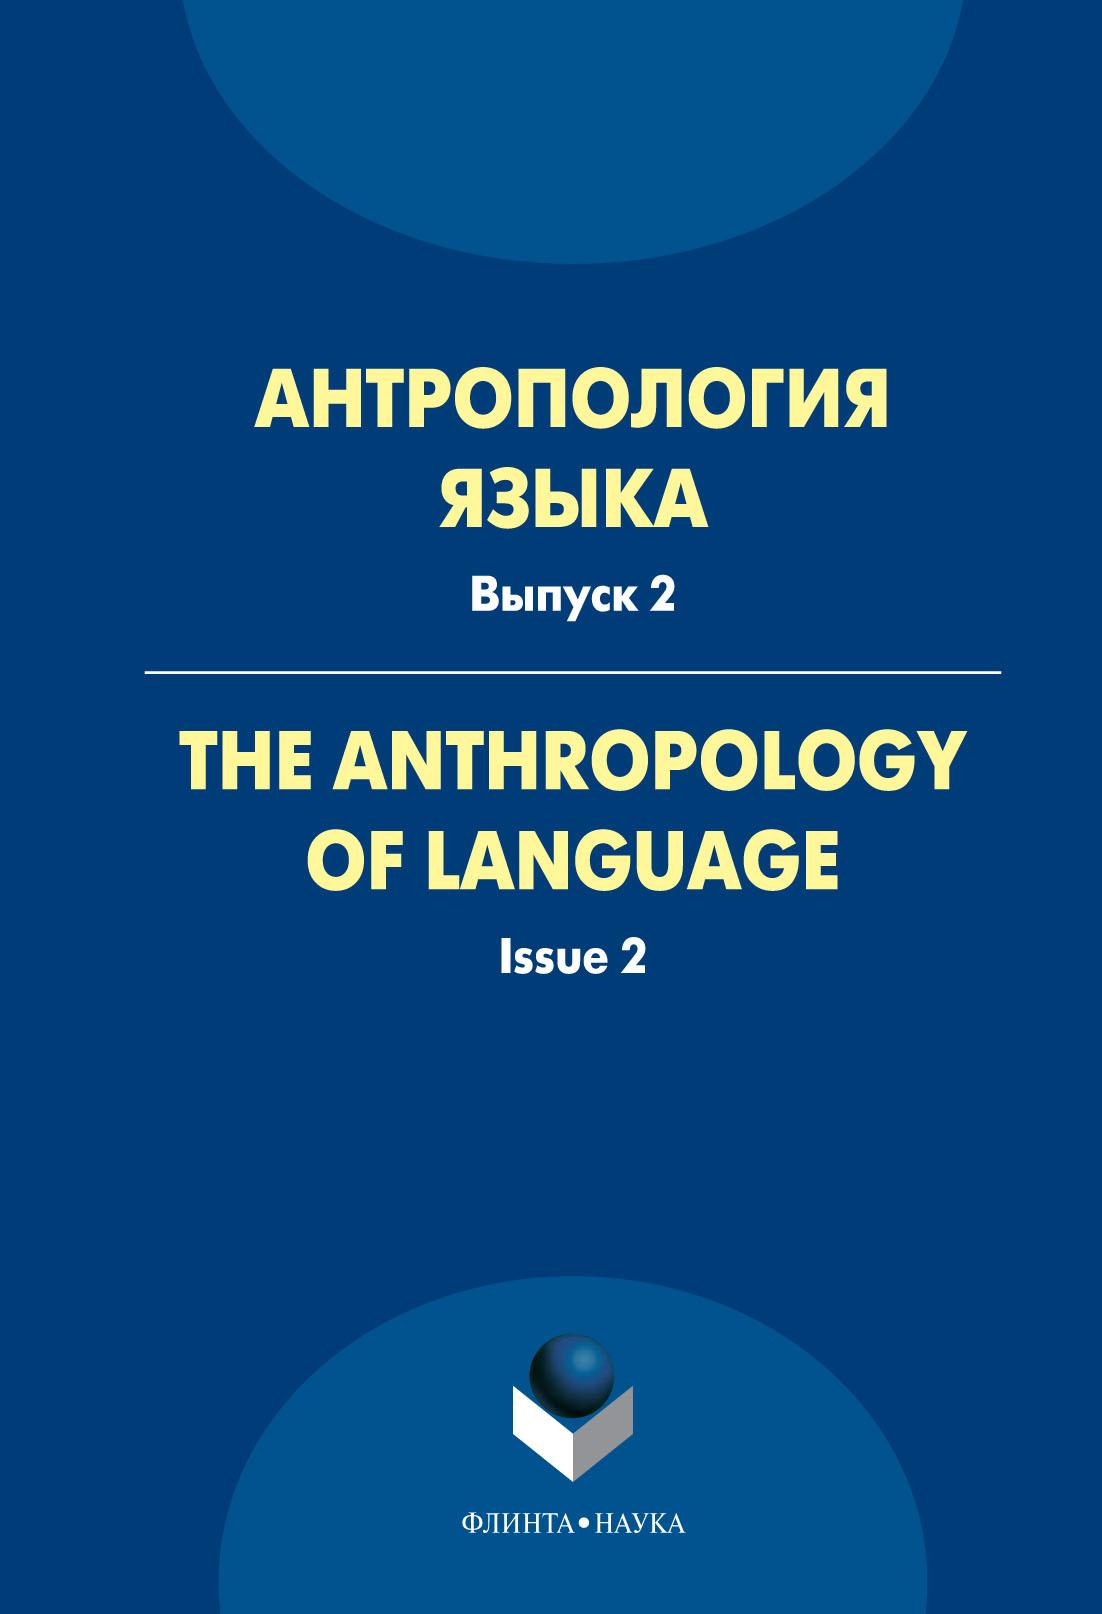 Сборник статей Антропология языка. The Anthropology of Language. Выпуск 2 сборник статей антропология языка выпуск 1